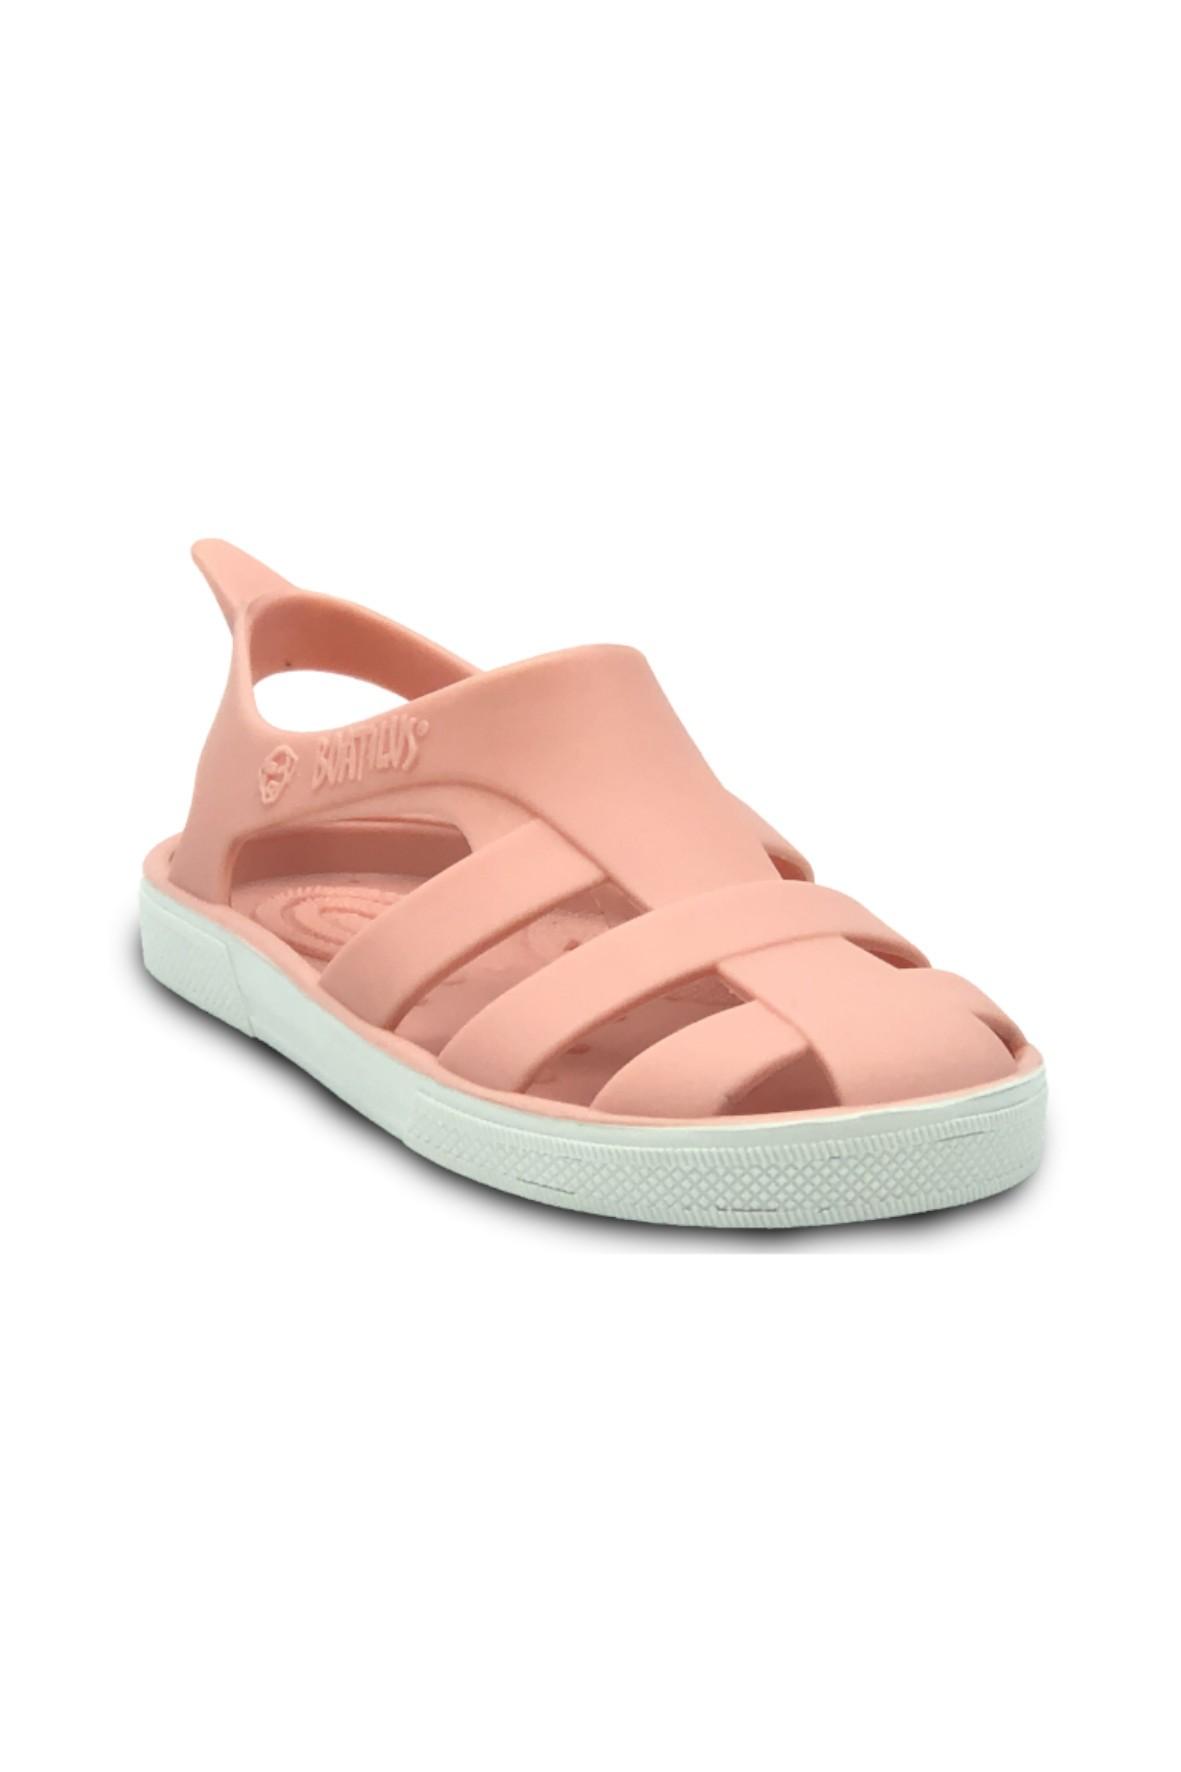 Różowe sandałki dziewczęce-zapach startej skórki cytryny